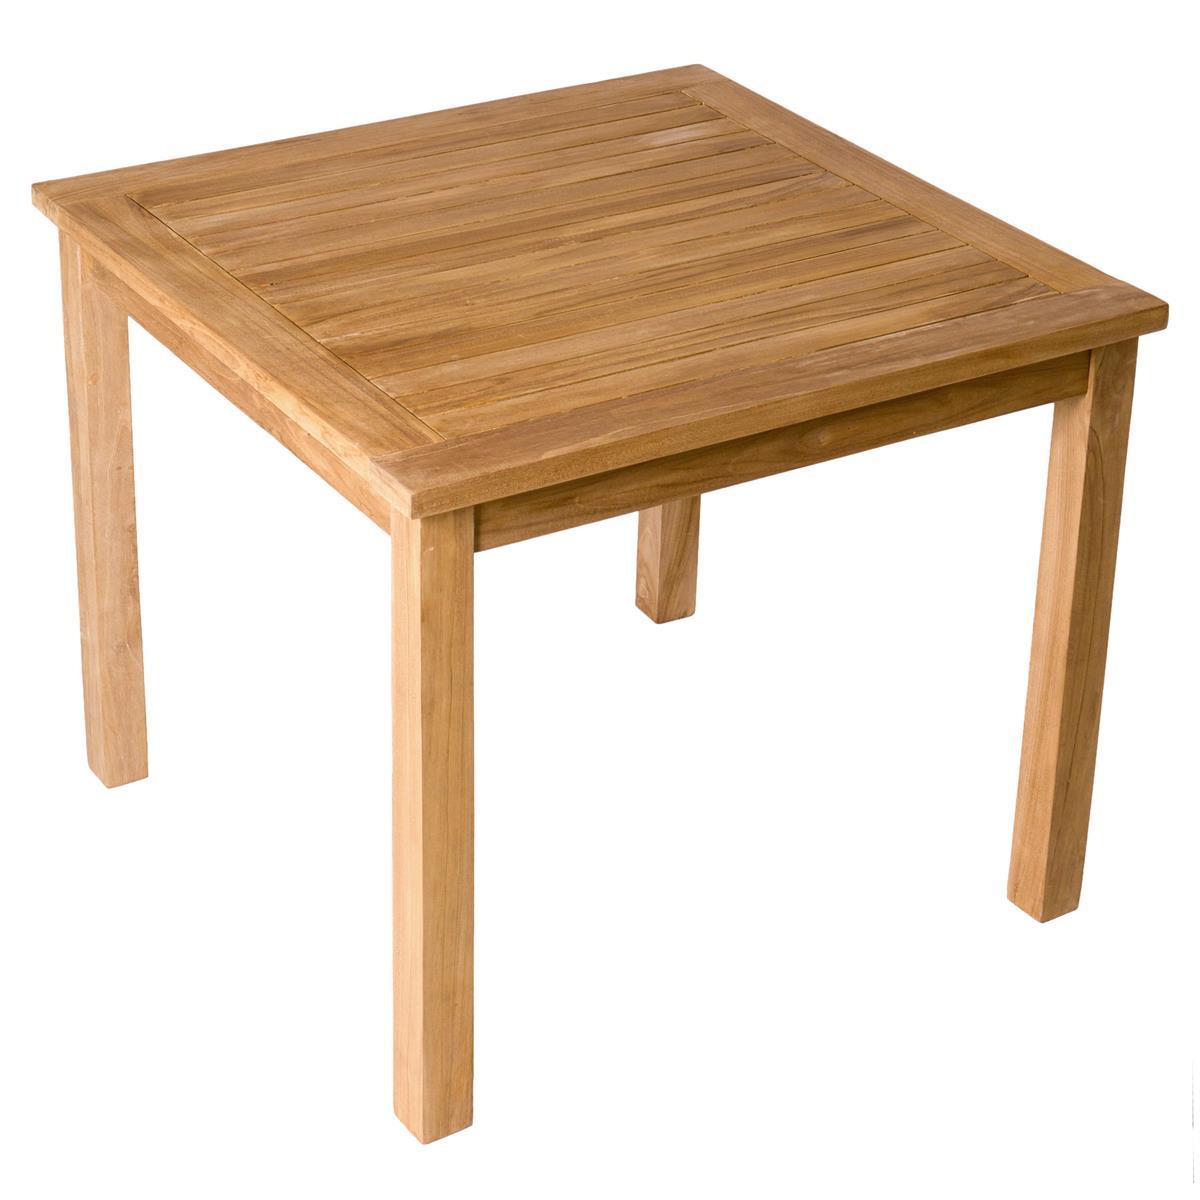 DIVERO Esstisch Gartentisch Balkontisch Teak Holztisch behandelt massiv 90x90